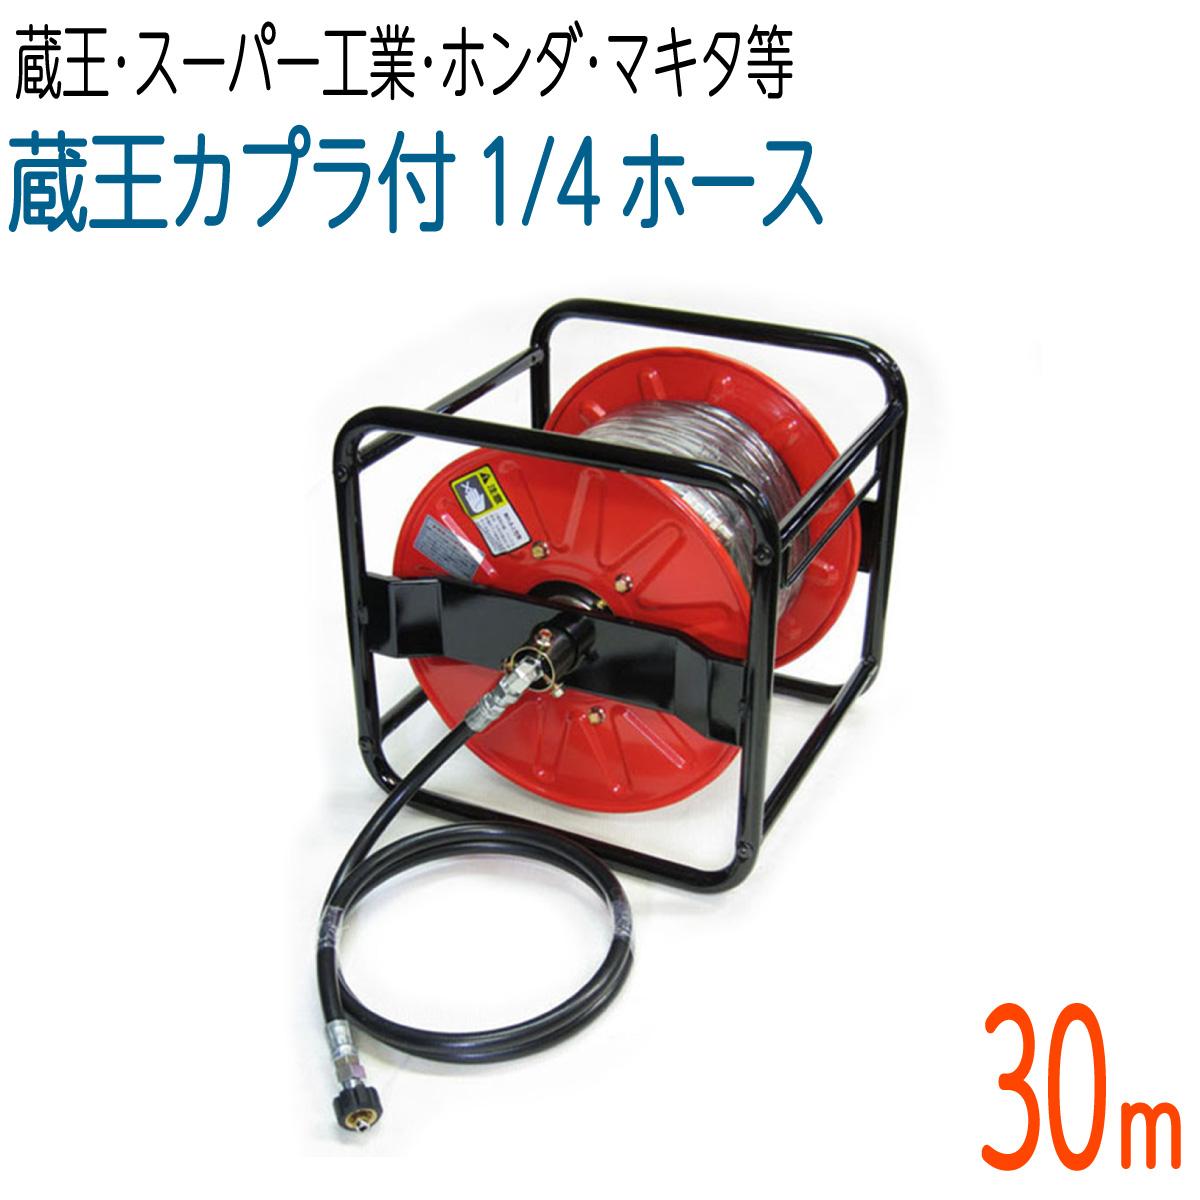 30Mリール巻き 公式 1 4 評判 2分 高圧洗浄機ホース スーパー工業 蔵王産業 コンパクトホース ホンダ対応